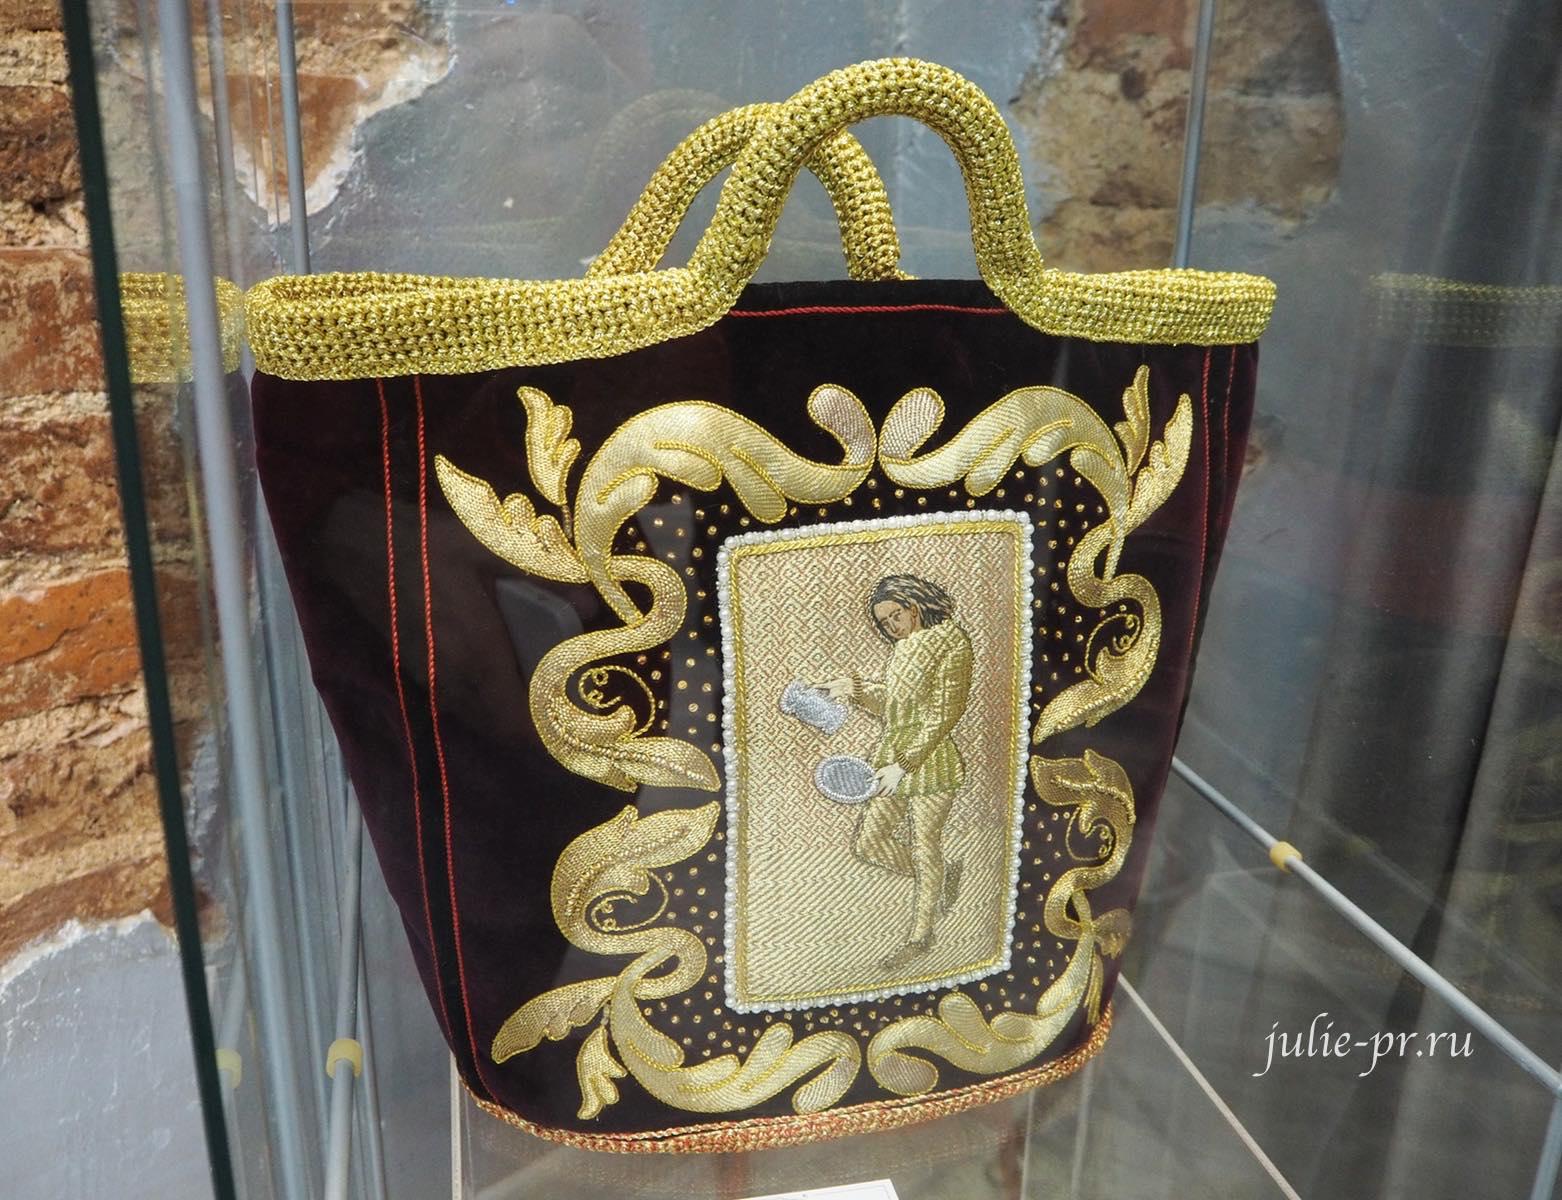 Выставка Цветная матрица мечты, Музей Русский Левша, золотная вышивка, золотное шитье, сумка, Санкт-Петербург